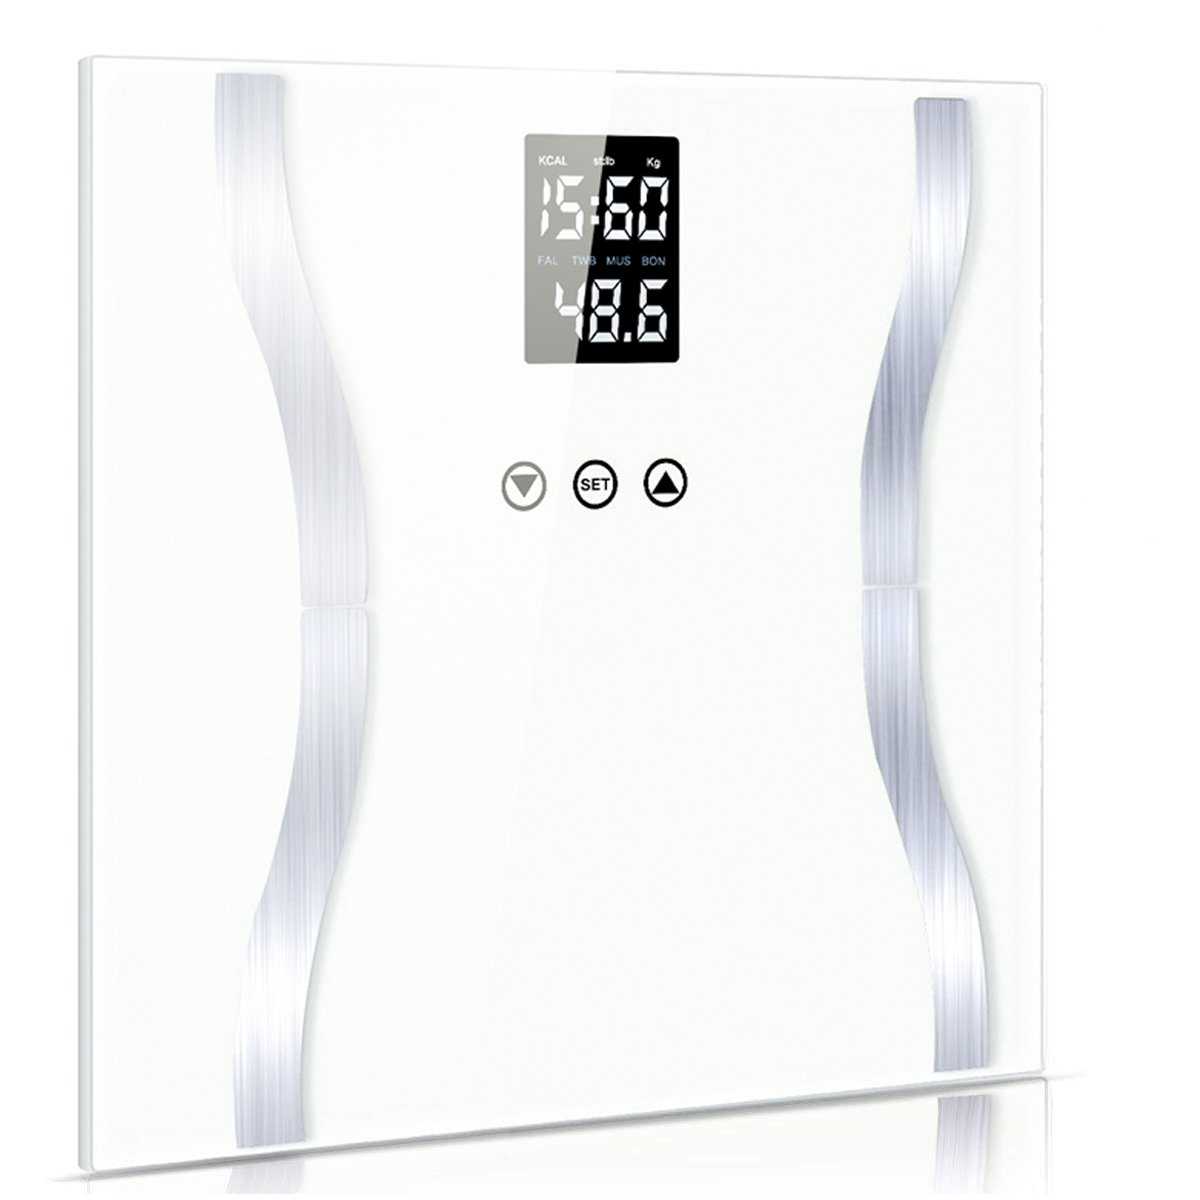 Fypo Bilancia impedenziometrica,bilancia pesapersone,misuratore massa grassa,liquidi, muscoli,massa ossea, Indice di massa corporea (BMI), schermo LCD,supporti antiscivolo SAOYH 01-F0018